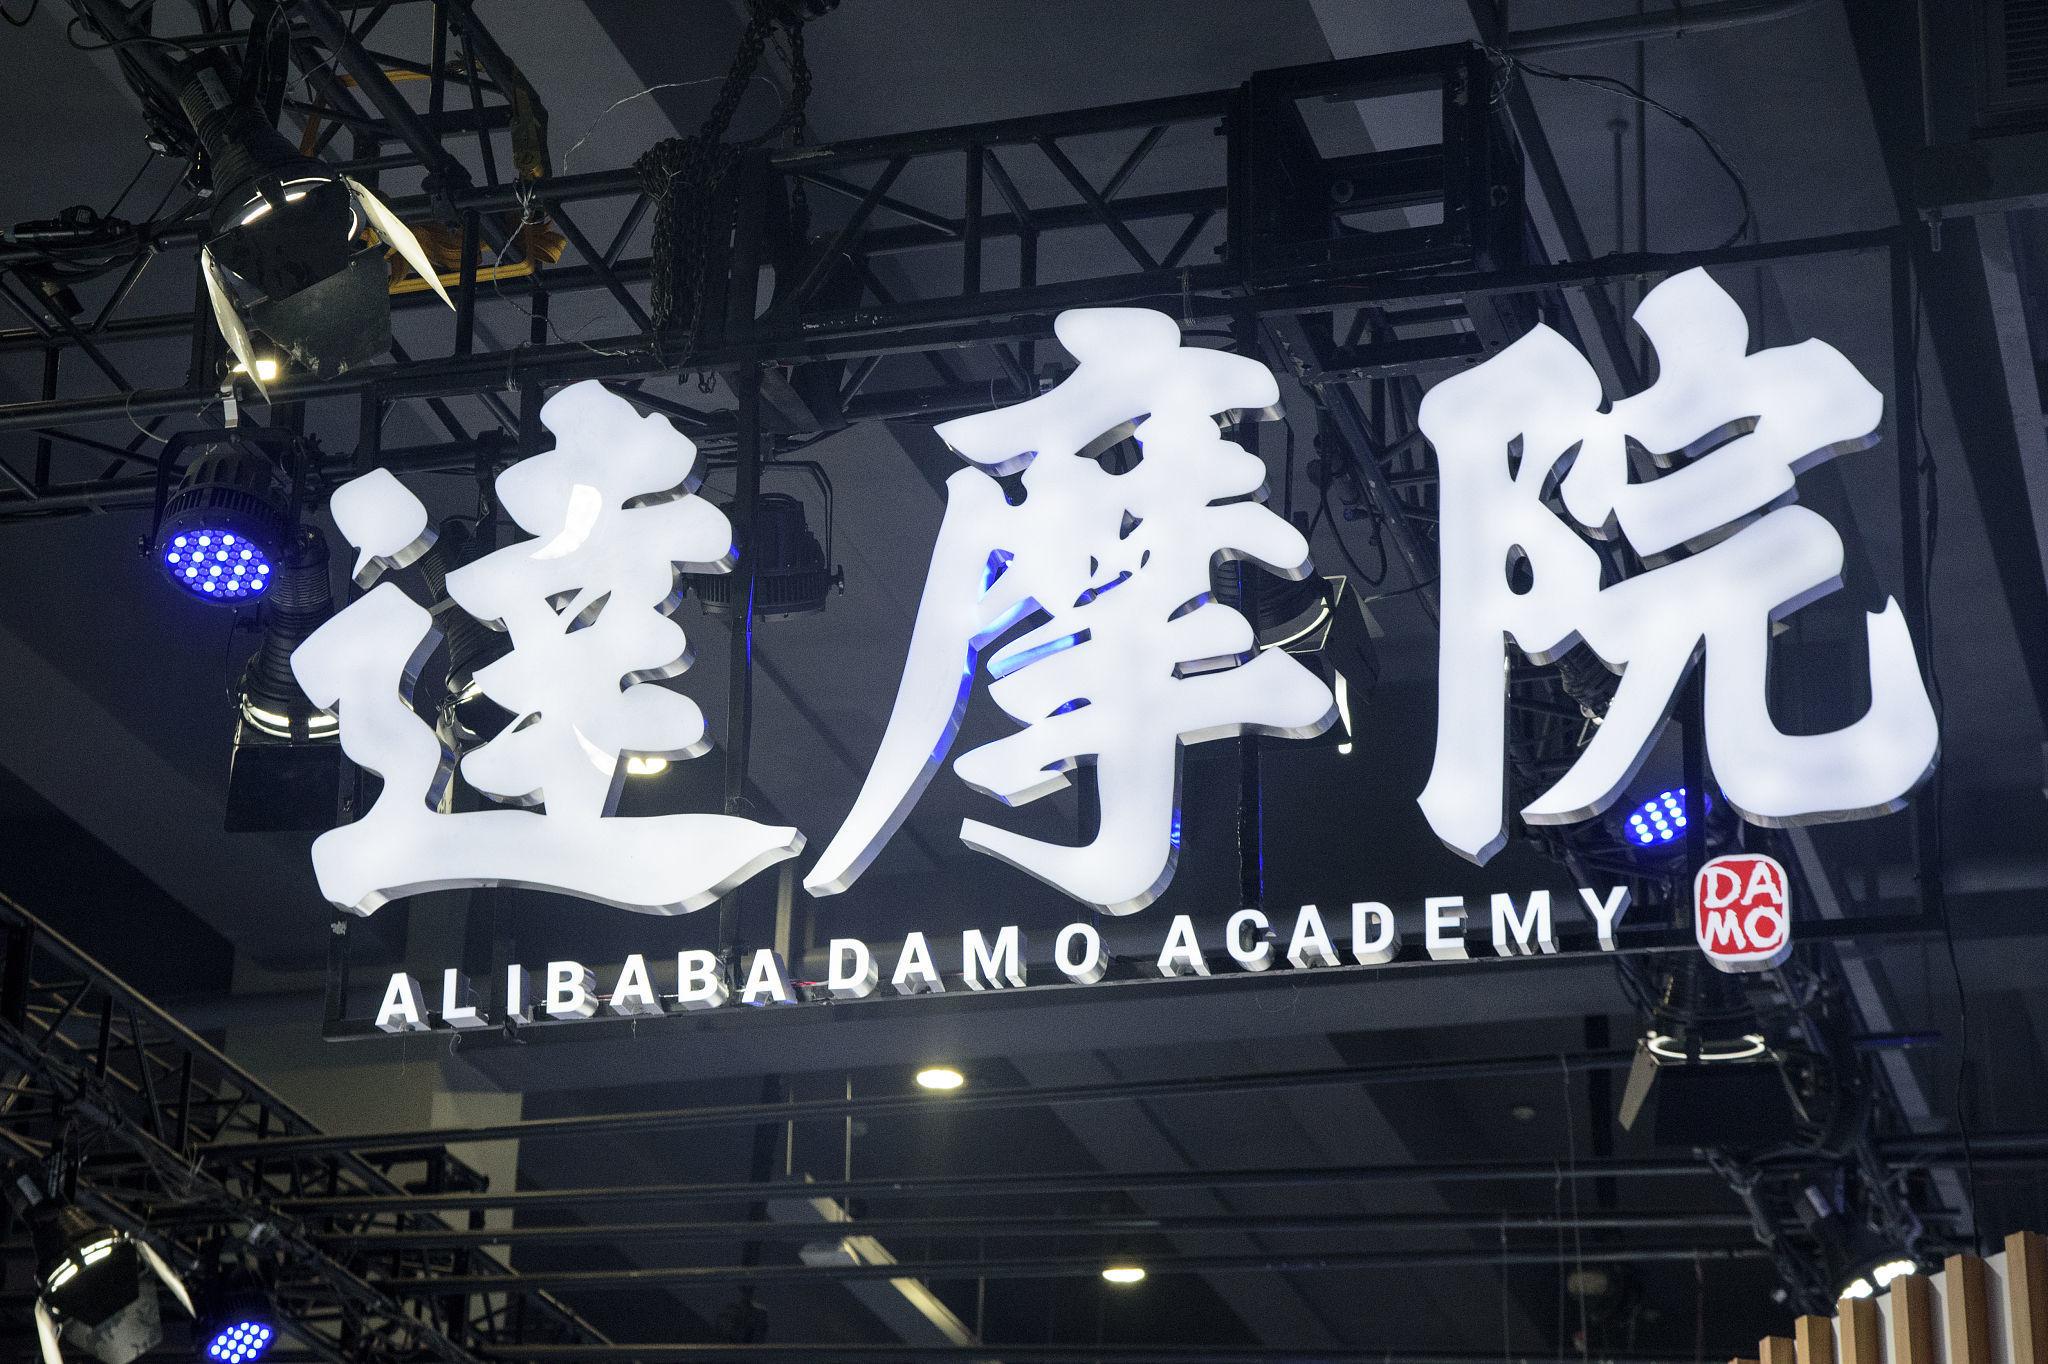 中国自主研发的cpu_阿里最强 AI 芯片背后,是中国芯片换道超车的开始吗?   极客公园